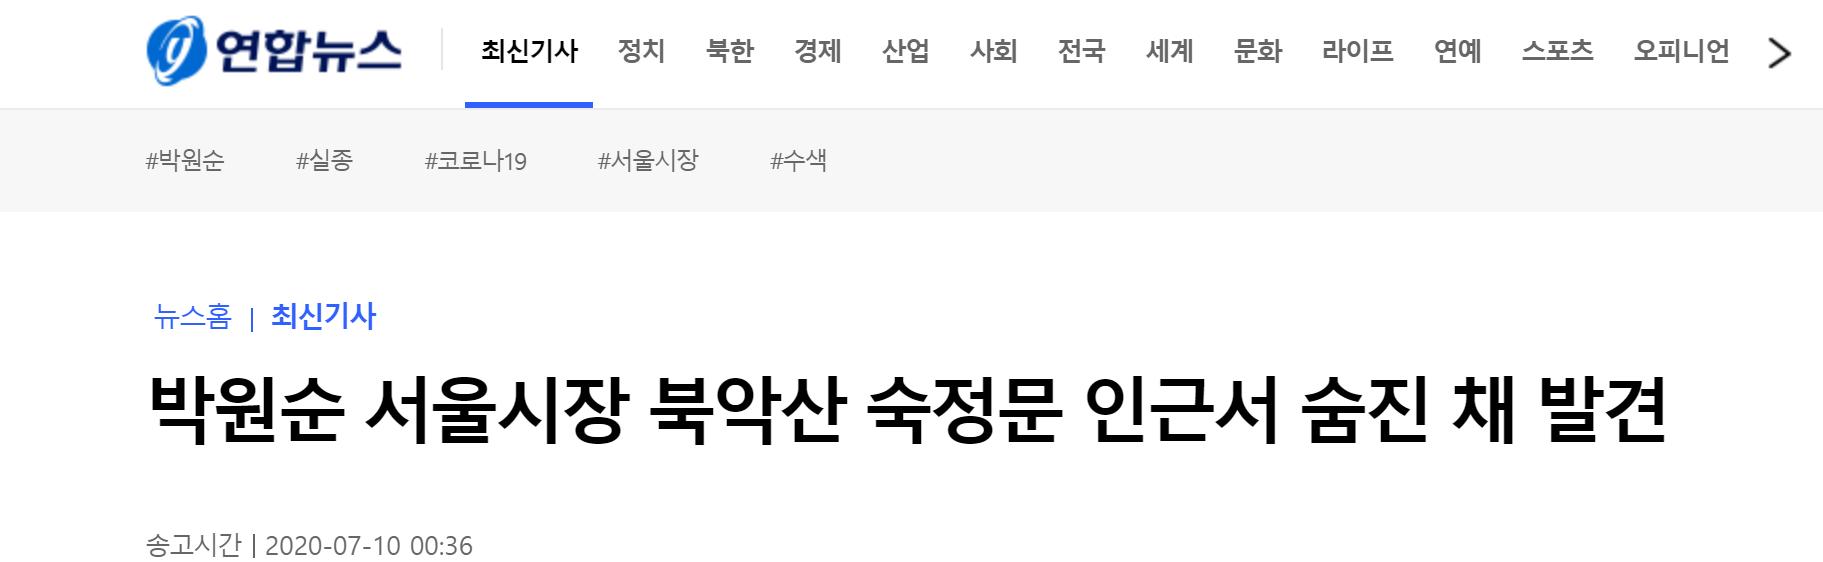 欧博亚洲网址:快讯!韩国警方发现失联首尔市长朴元淳遗体 第2张